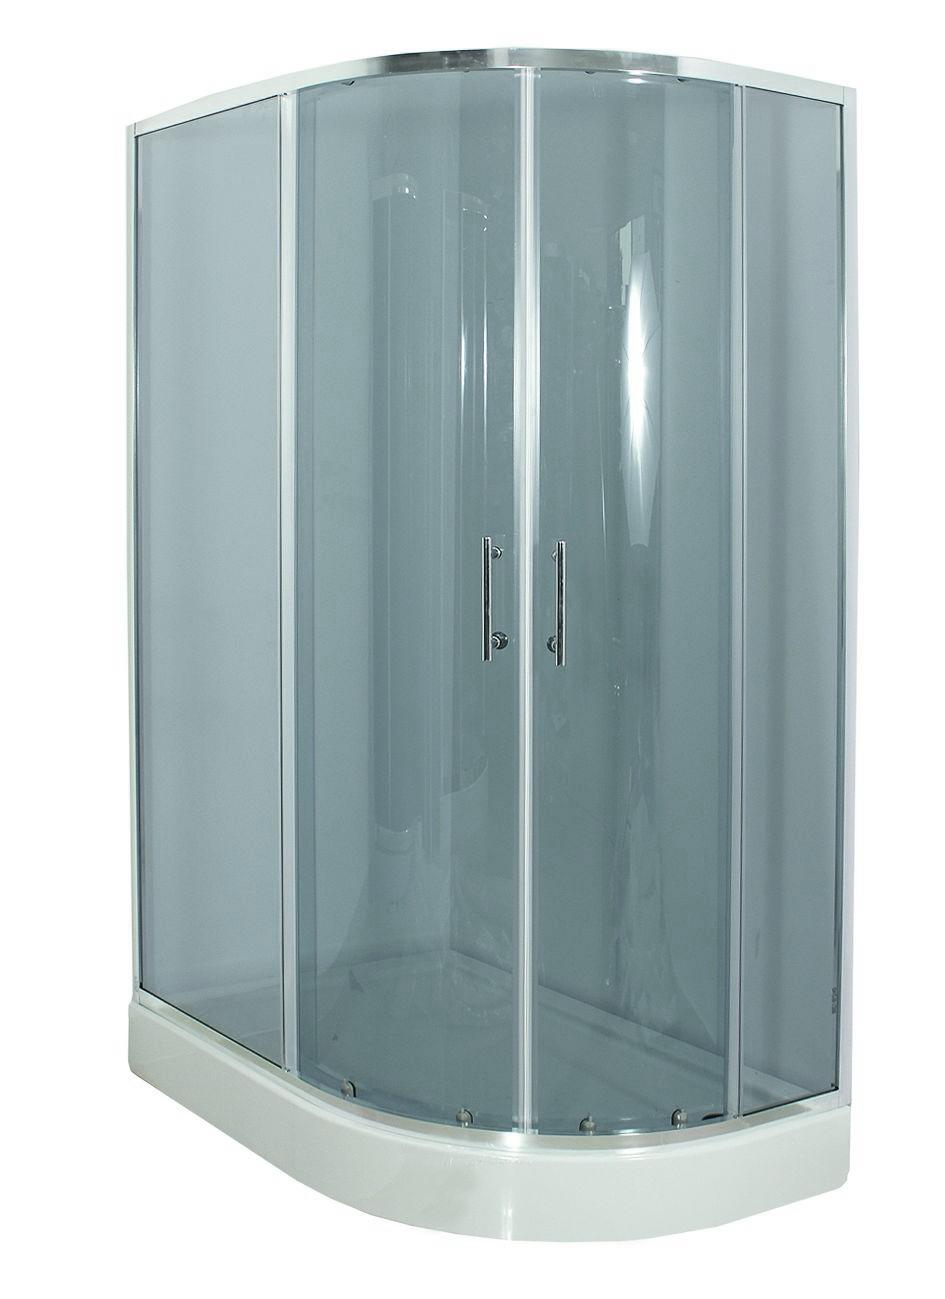 RAVENA 120 L Well sprchový kout s nízkou vaničkou, skladem